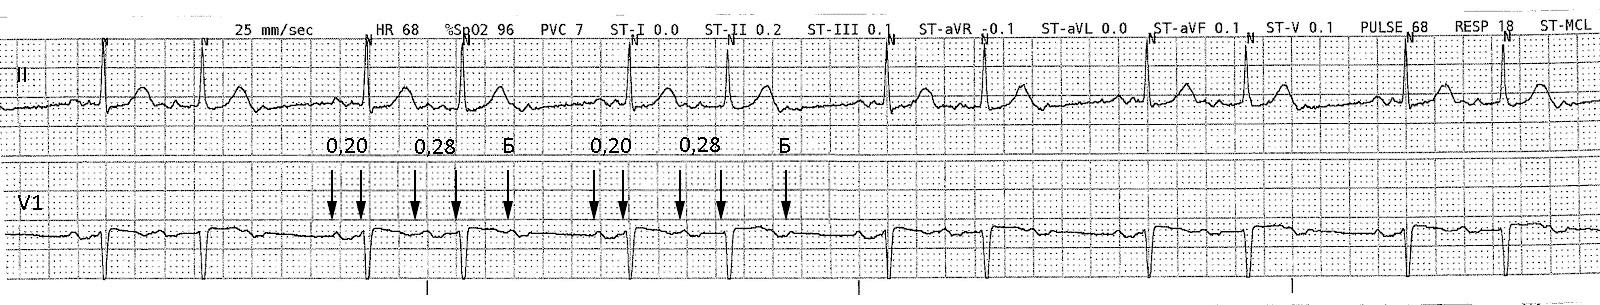 Атриовентрикулярная блокада третьей степени (полная блокада) | кардио болезни